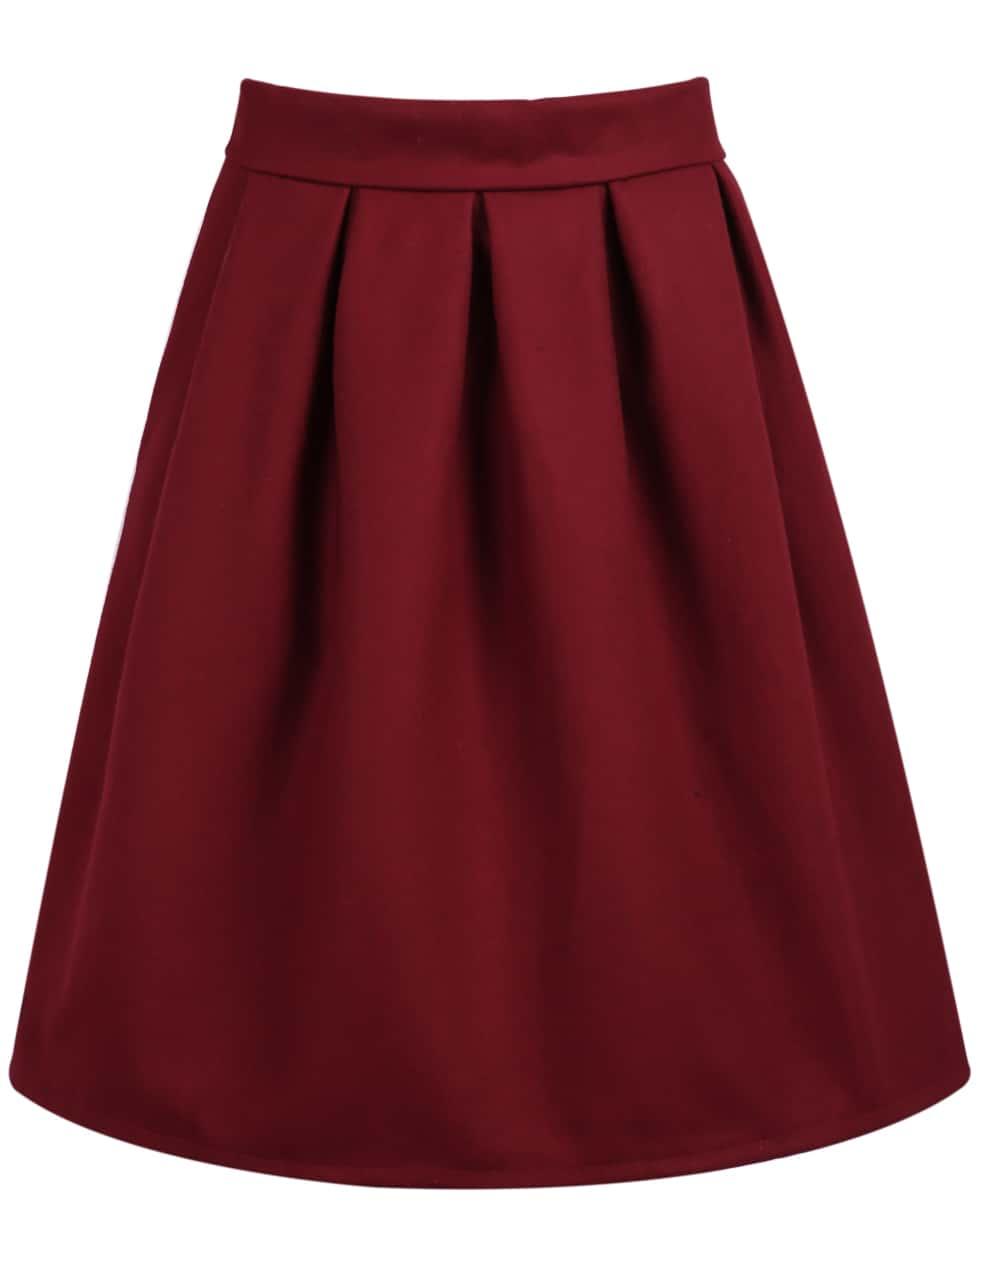 High Waist Wine Red Skirtfor Women Romwe